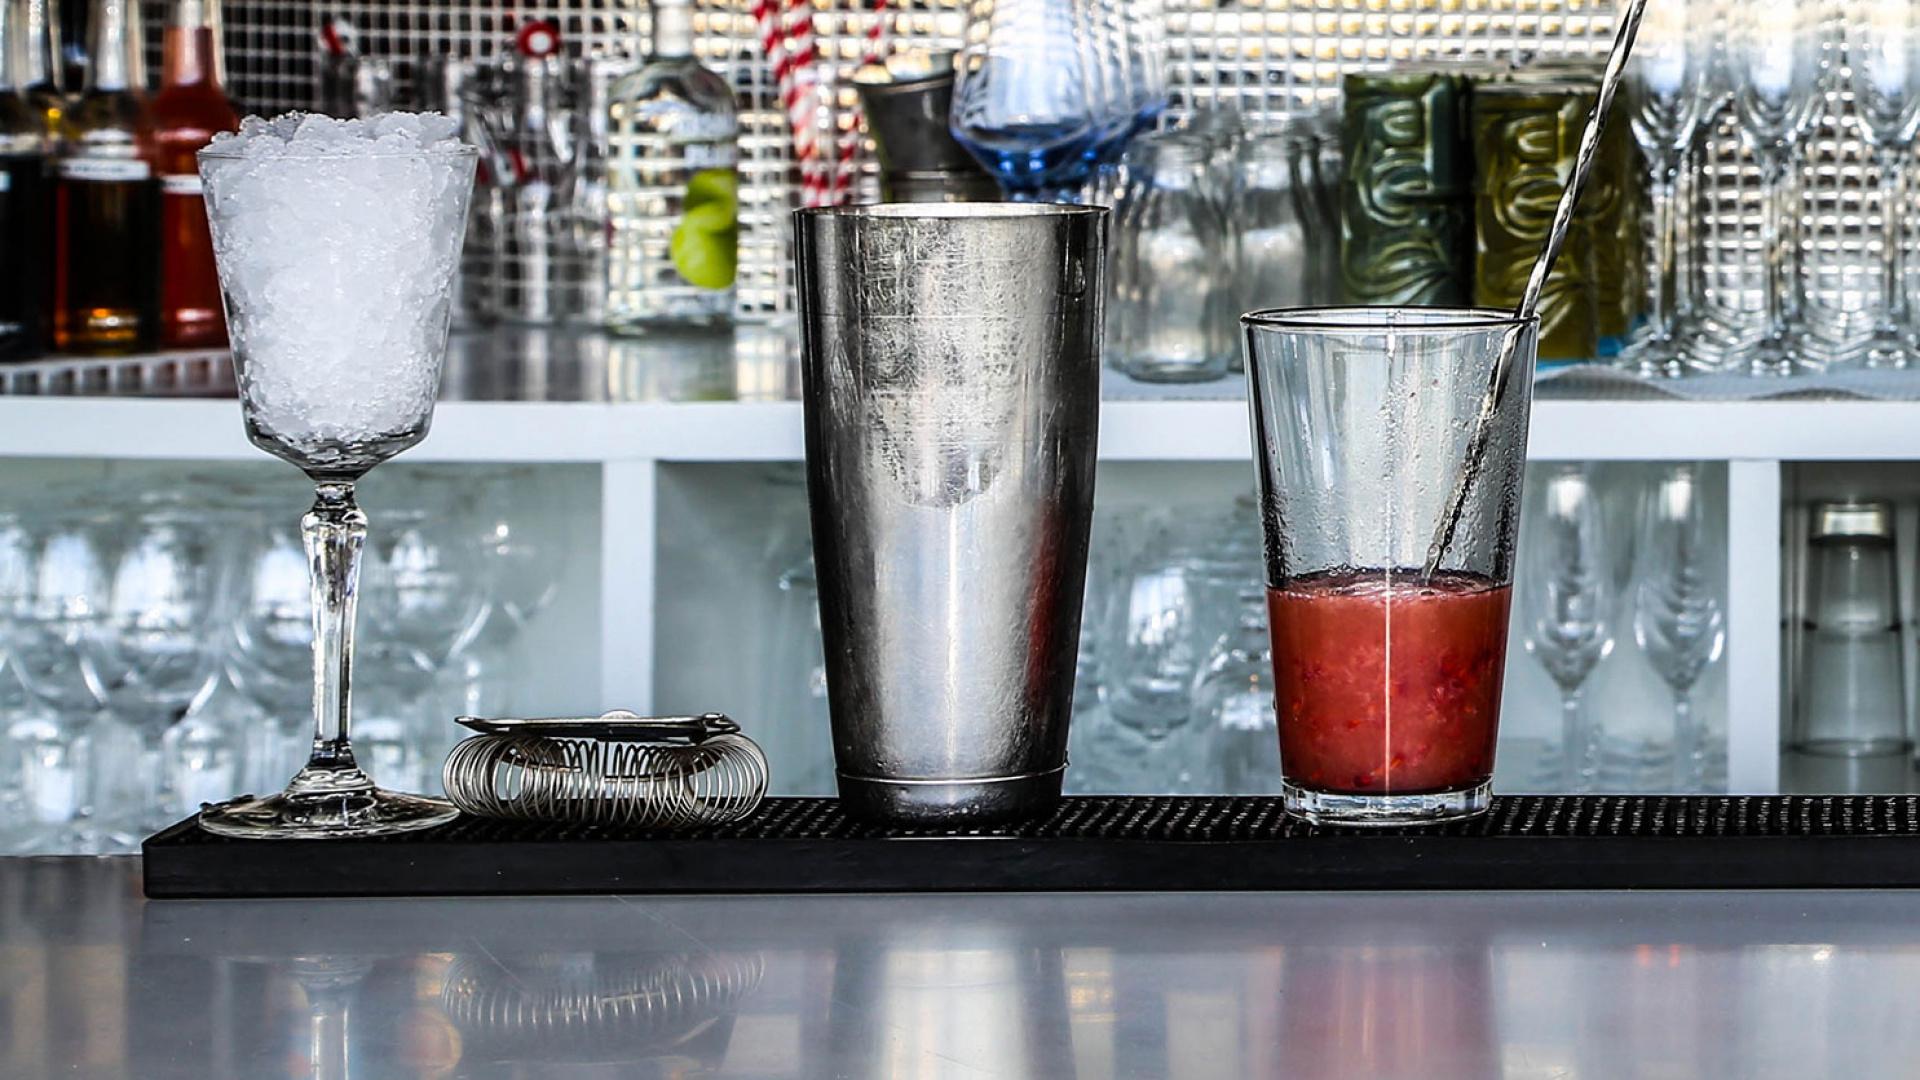 OXO Tower's Disa Goddess cocktail